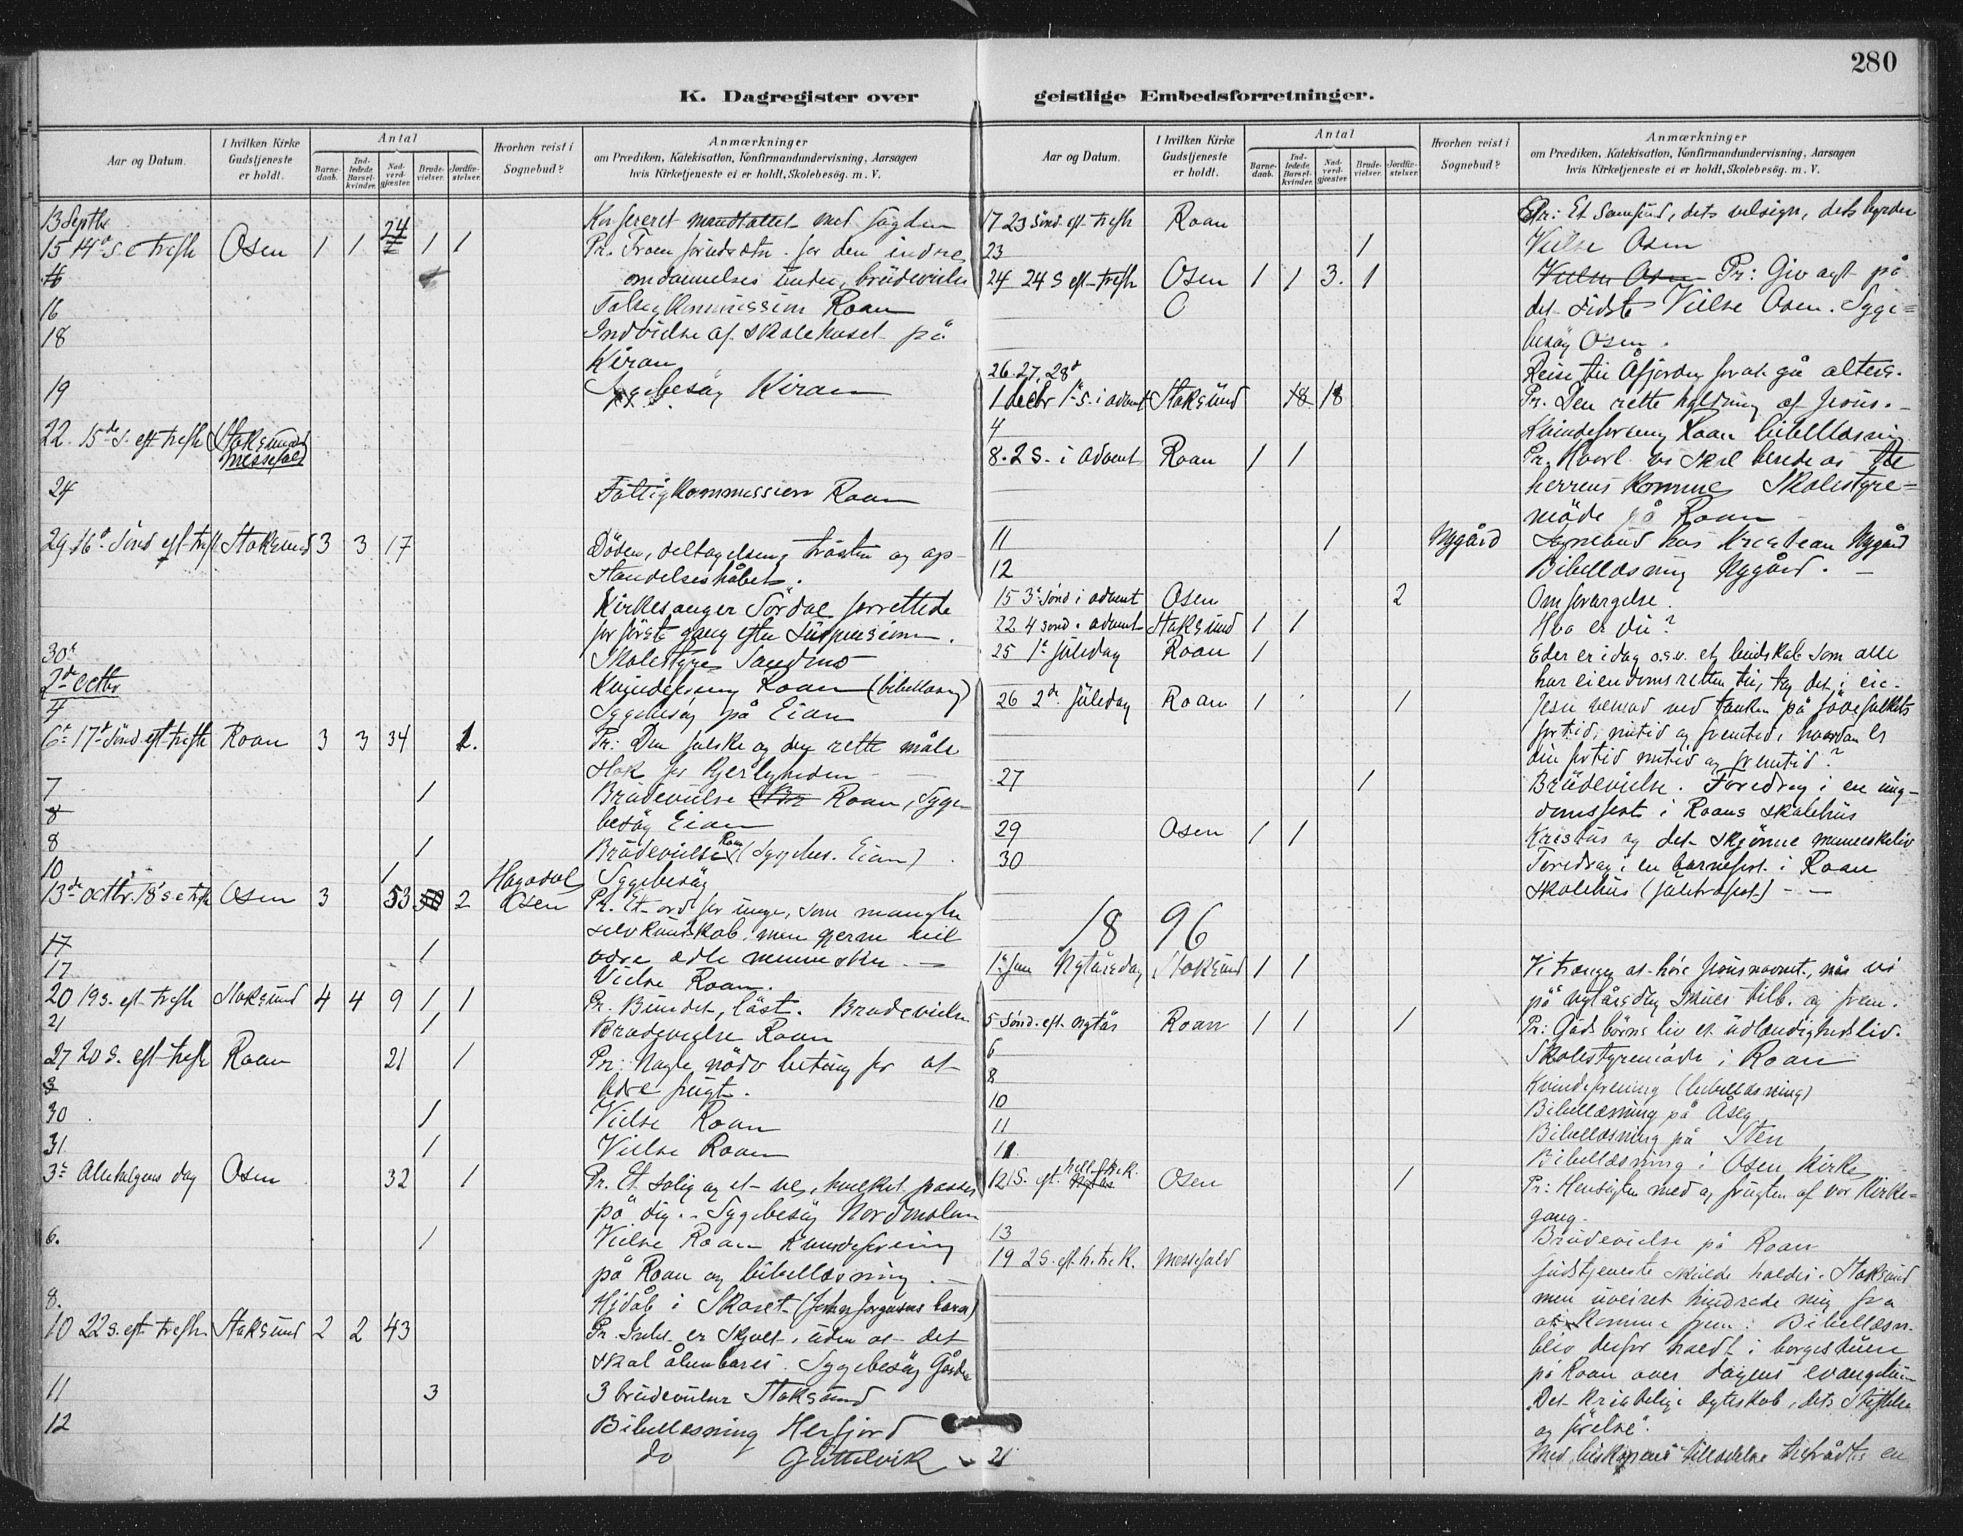 SAT, Ministerialprotokoller, klokkerbøker og fødselsregistre - Sør-Trøndelag, 657/L0708: Ministerialbok nr. 657A09, 1894-1904, s. 280